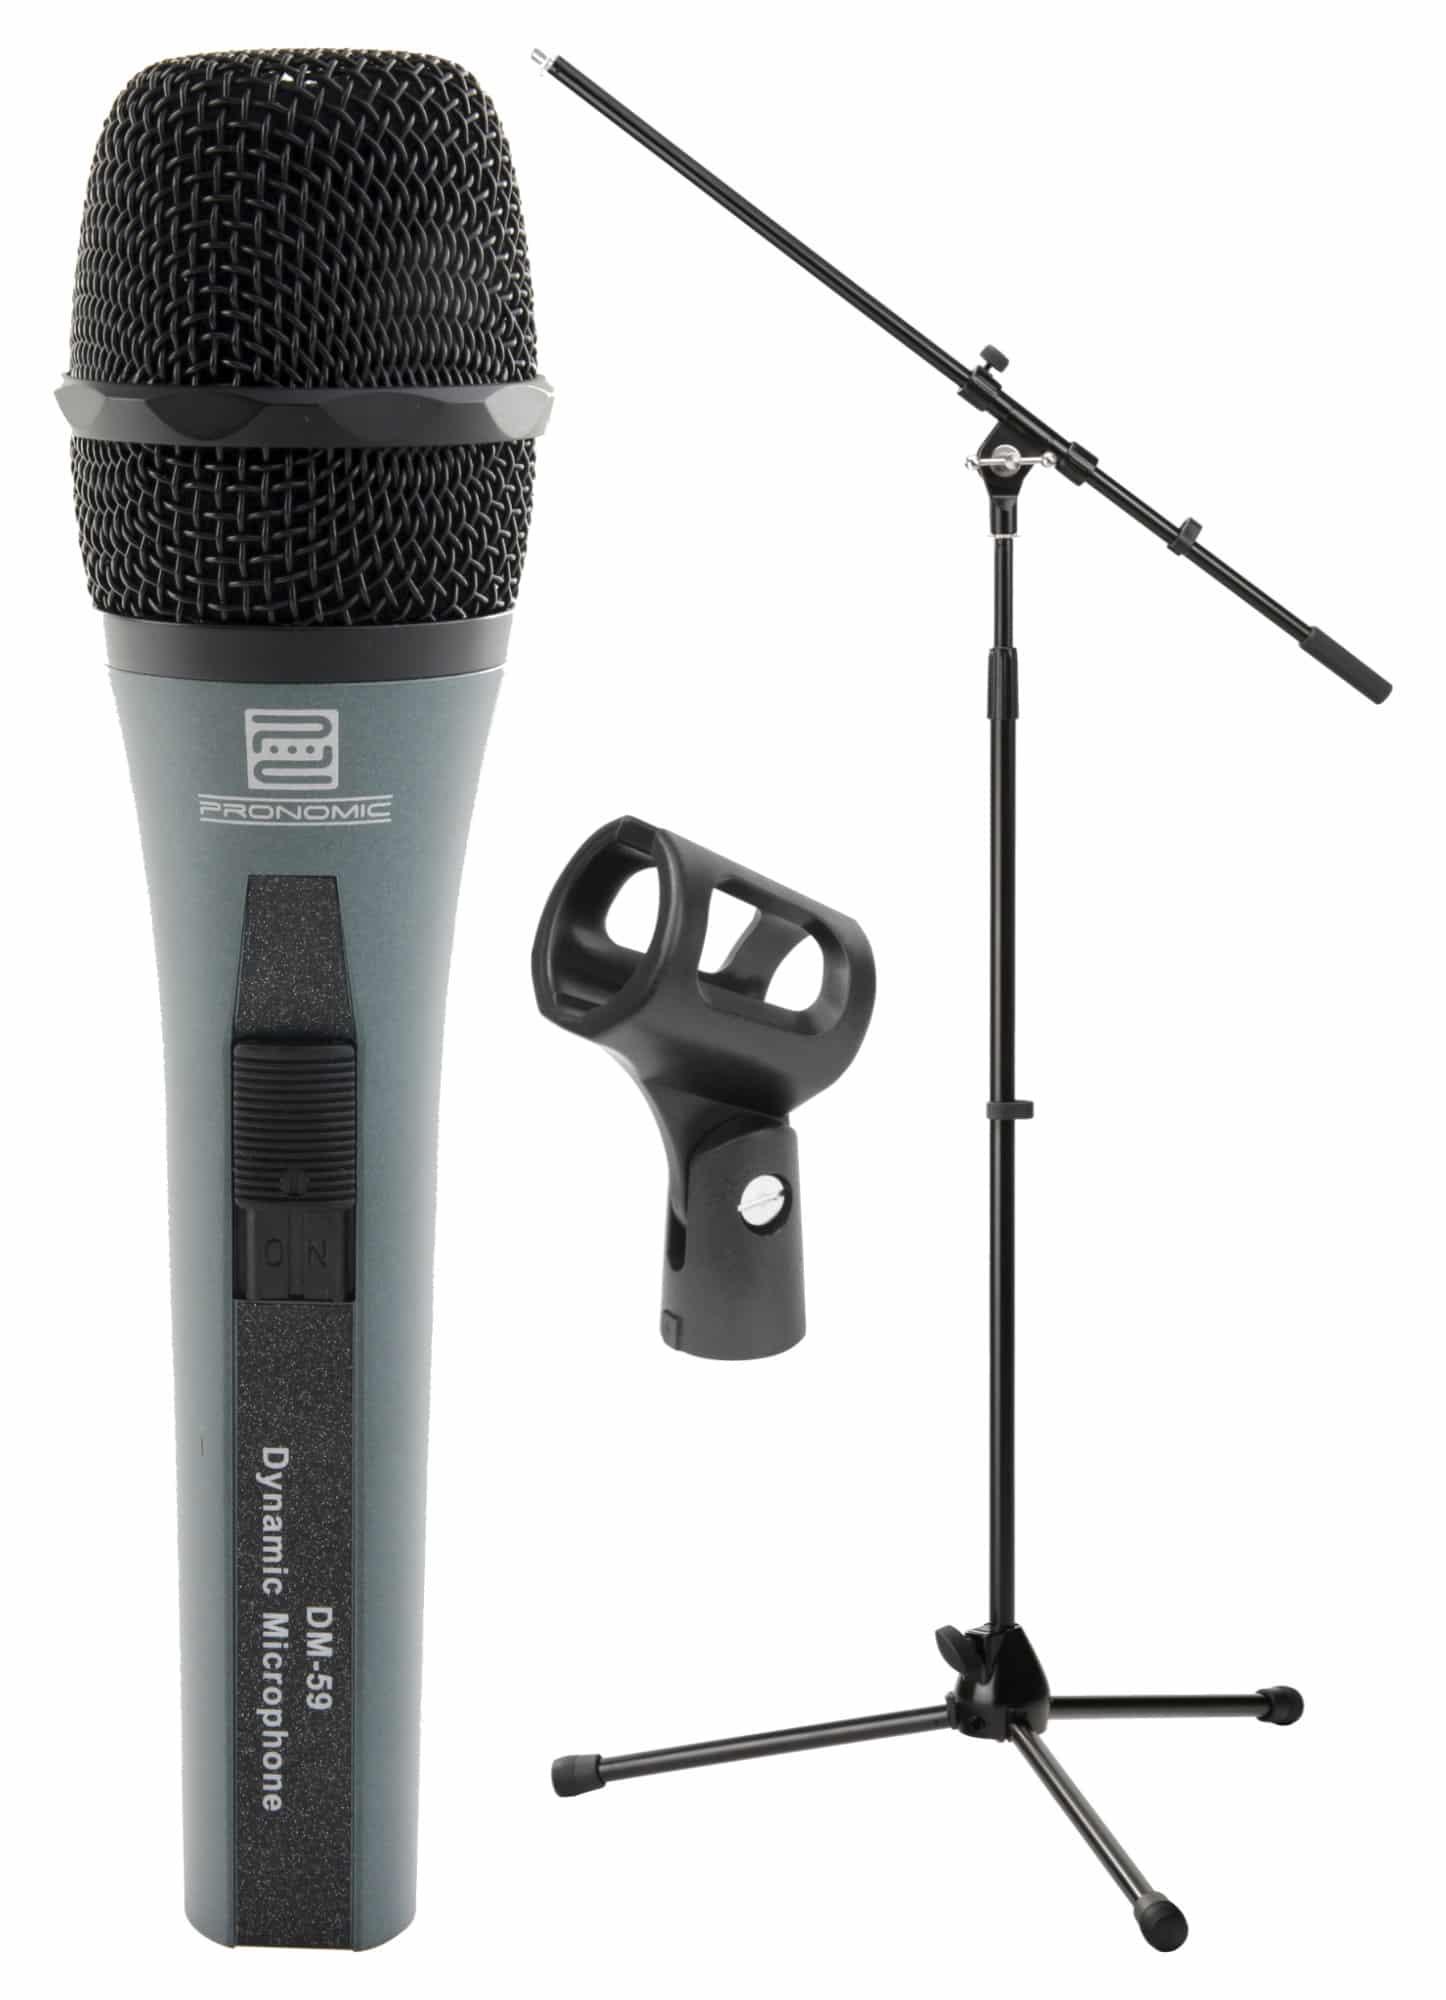 Pronomic DM 59 Mikrofon Starter SET Pronomic MS 15 Pro Mikrofonstativ mit Galgen